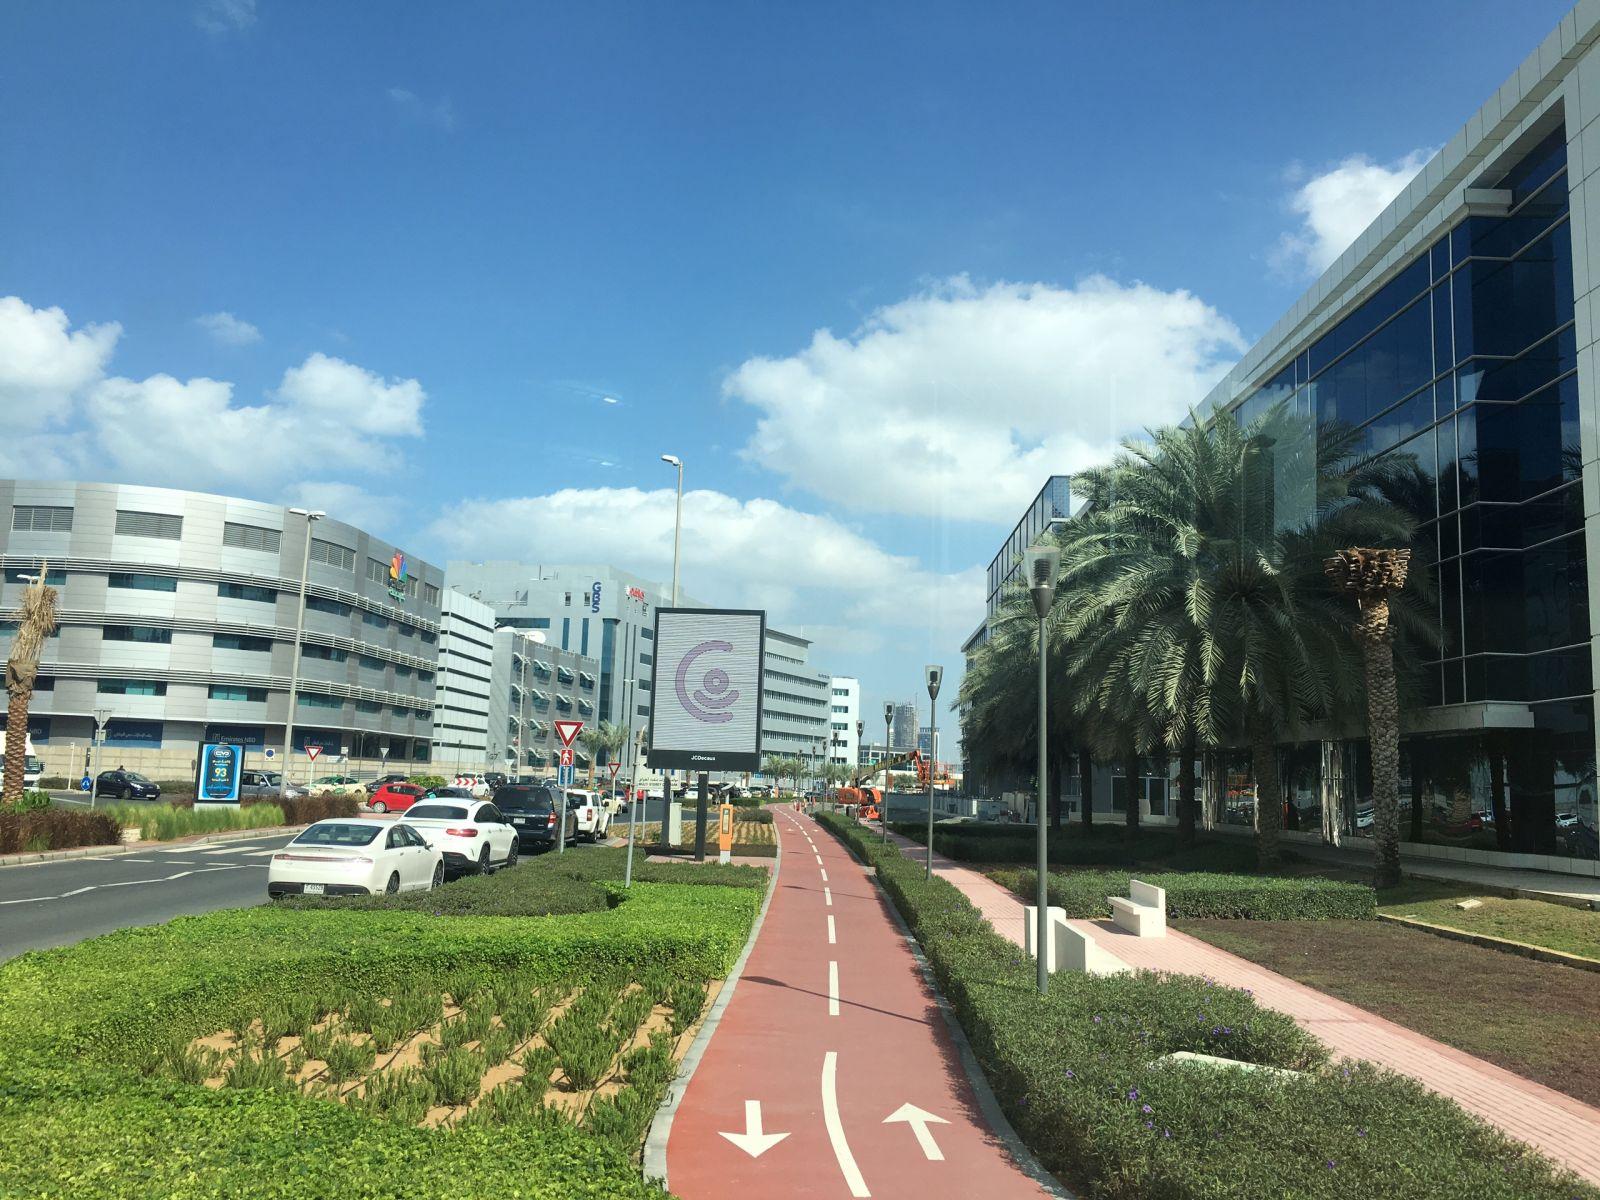 CHUYẾN THĂM CÁC TRƯỜNG TẠI DUBAI